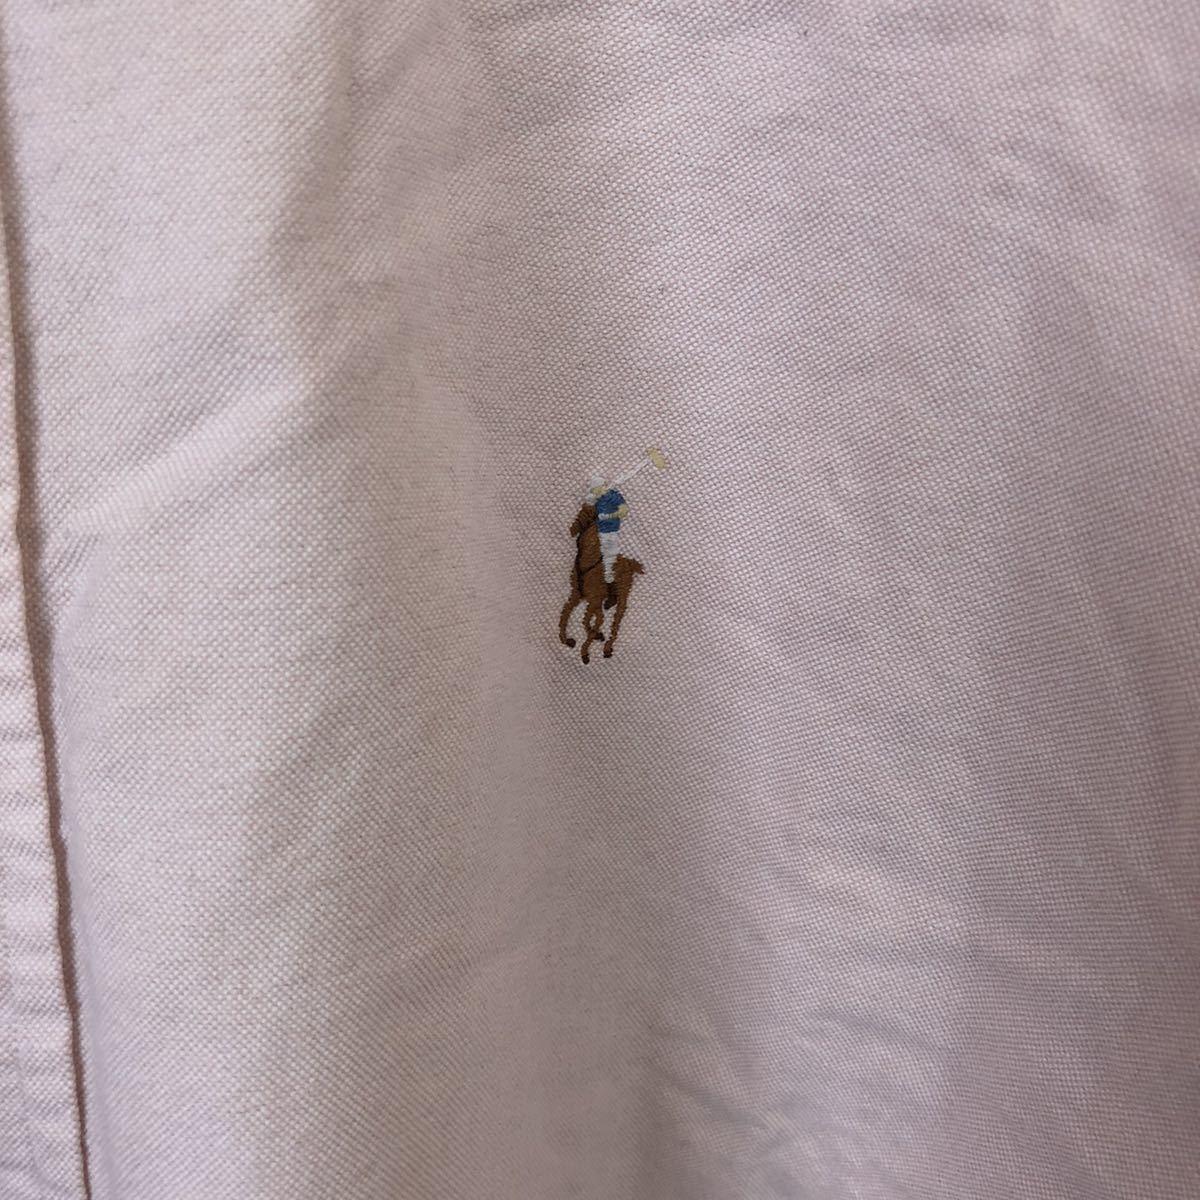 YT2168 ポロバイラルフローレン POLO by Ralph Lauren 半袖シャツ ボタンダウン ワンポイント 刺繍ロゴ コットン ビッグサイズ メンズXL nn_画像3